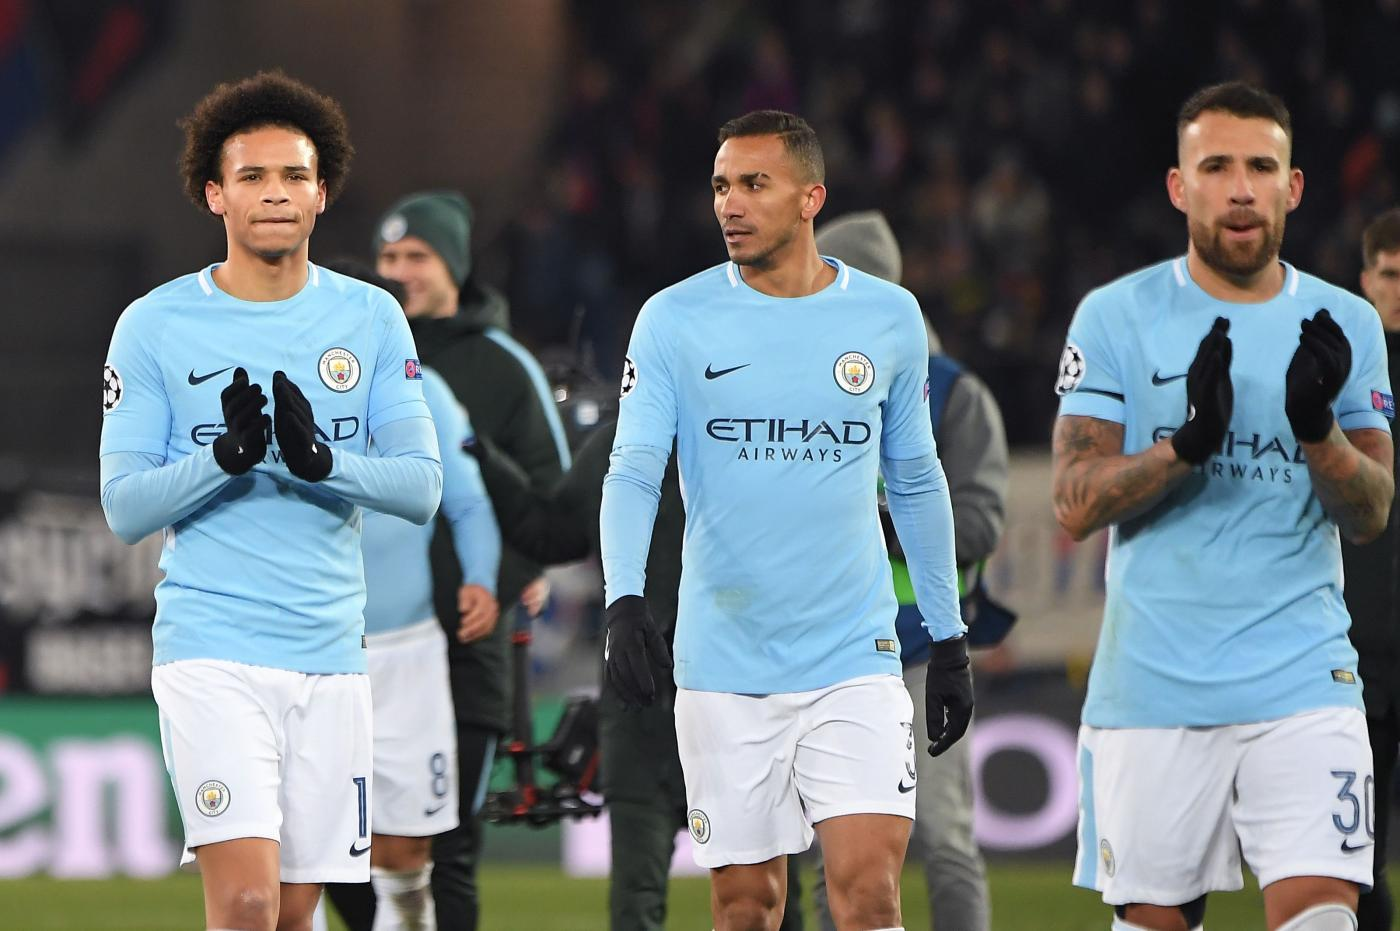 Everton-Manchester City 31 marzo, analisi e pronostico premier League giornata 32